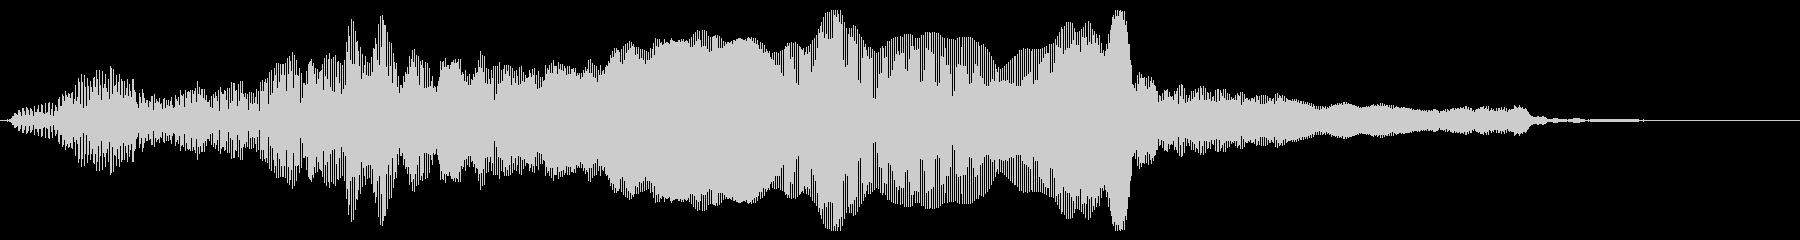 猫ニャーの未再生の波形